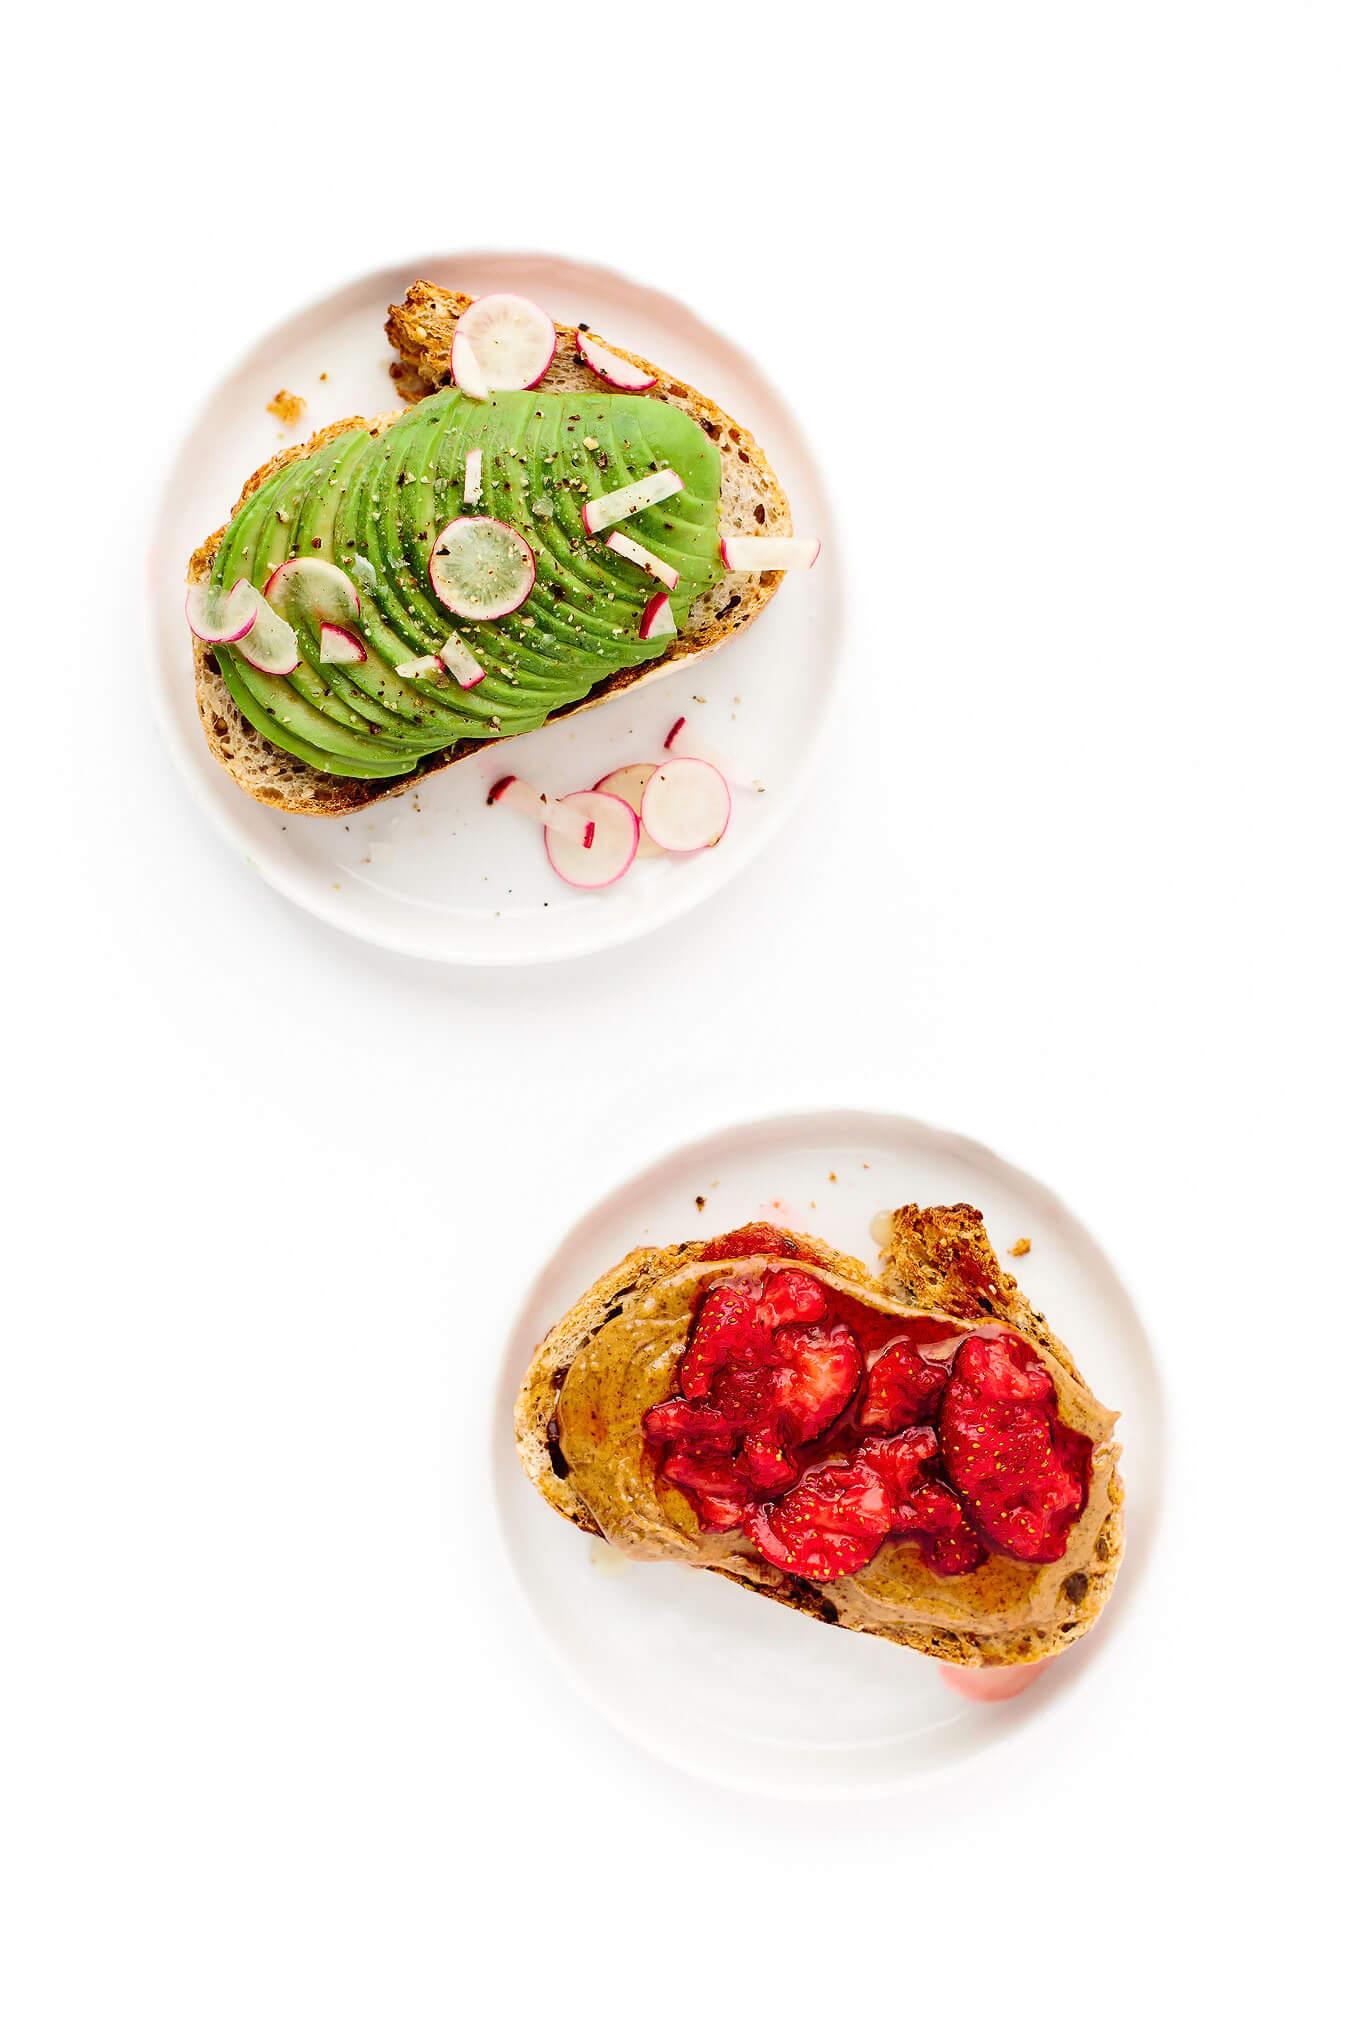 Farmers Market Breakfast Toast Two Ways